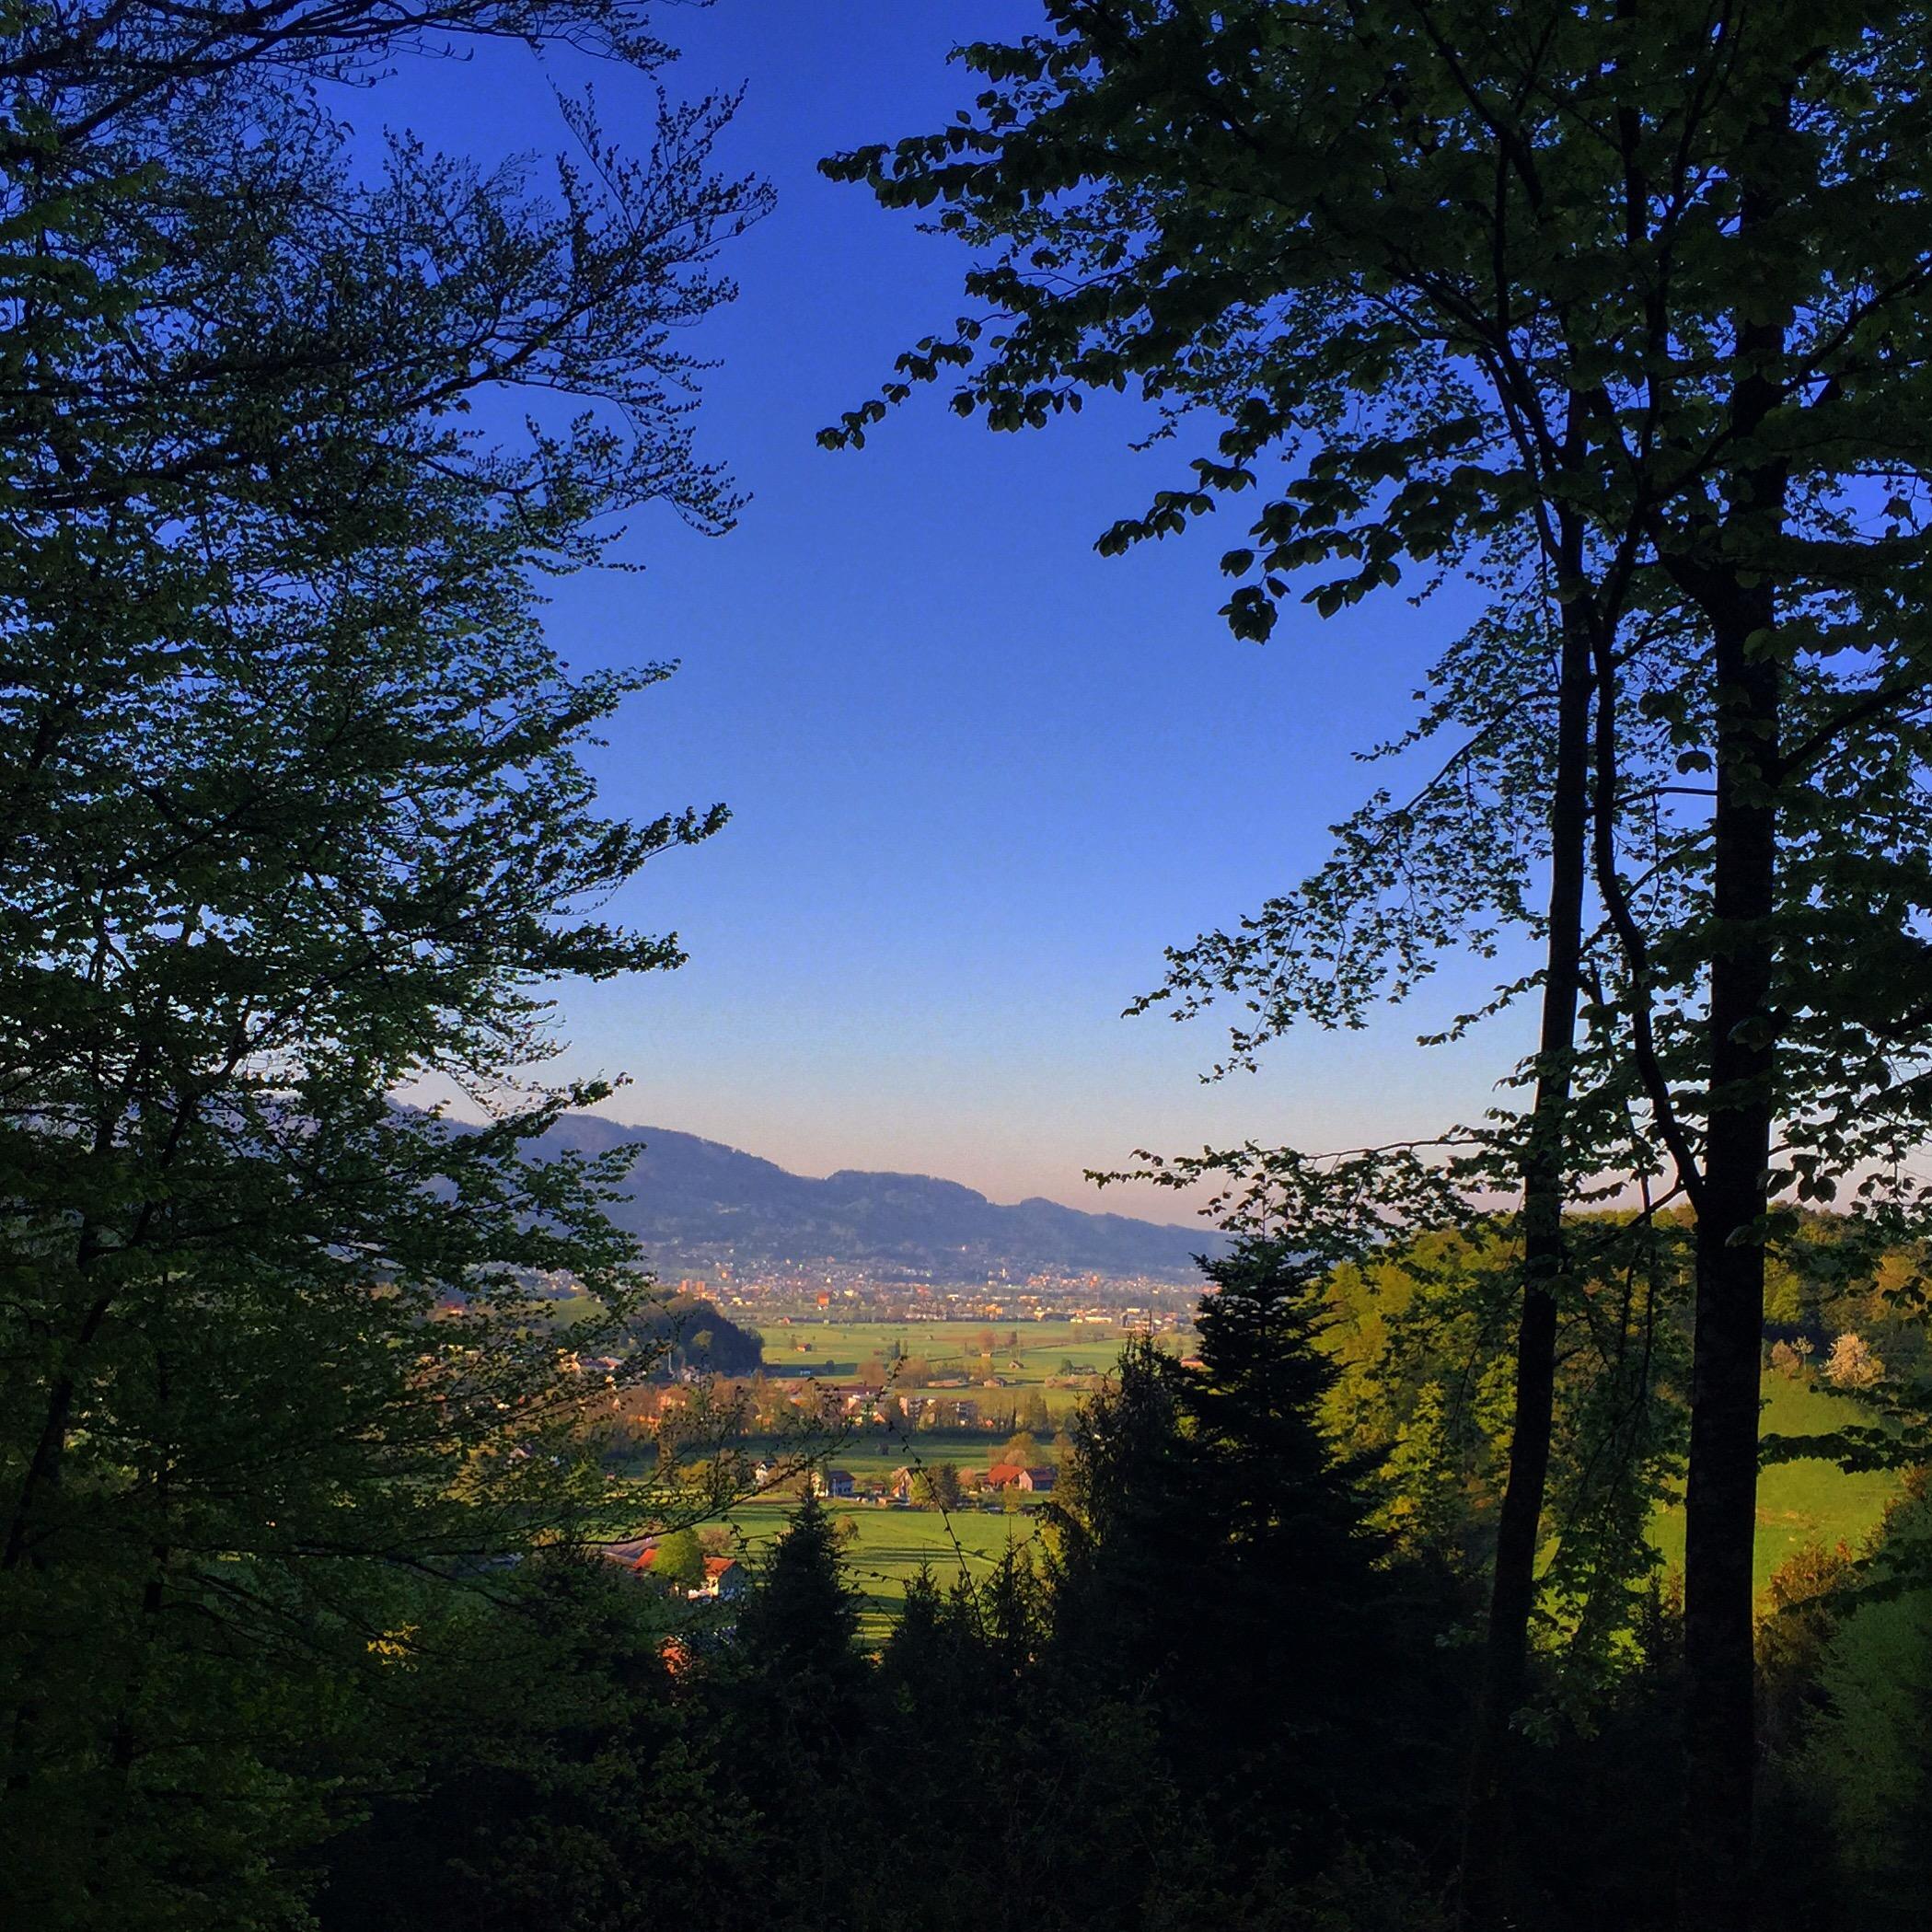 's Avonds ga ik lopen met een vriendin en we besluiten de berg op te wandelen. Het uitzicht is echt fantastisch!